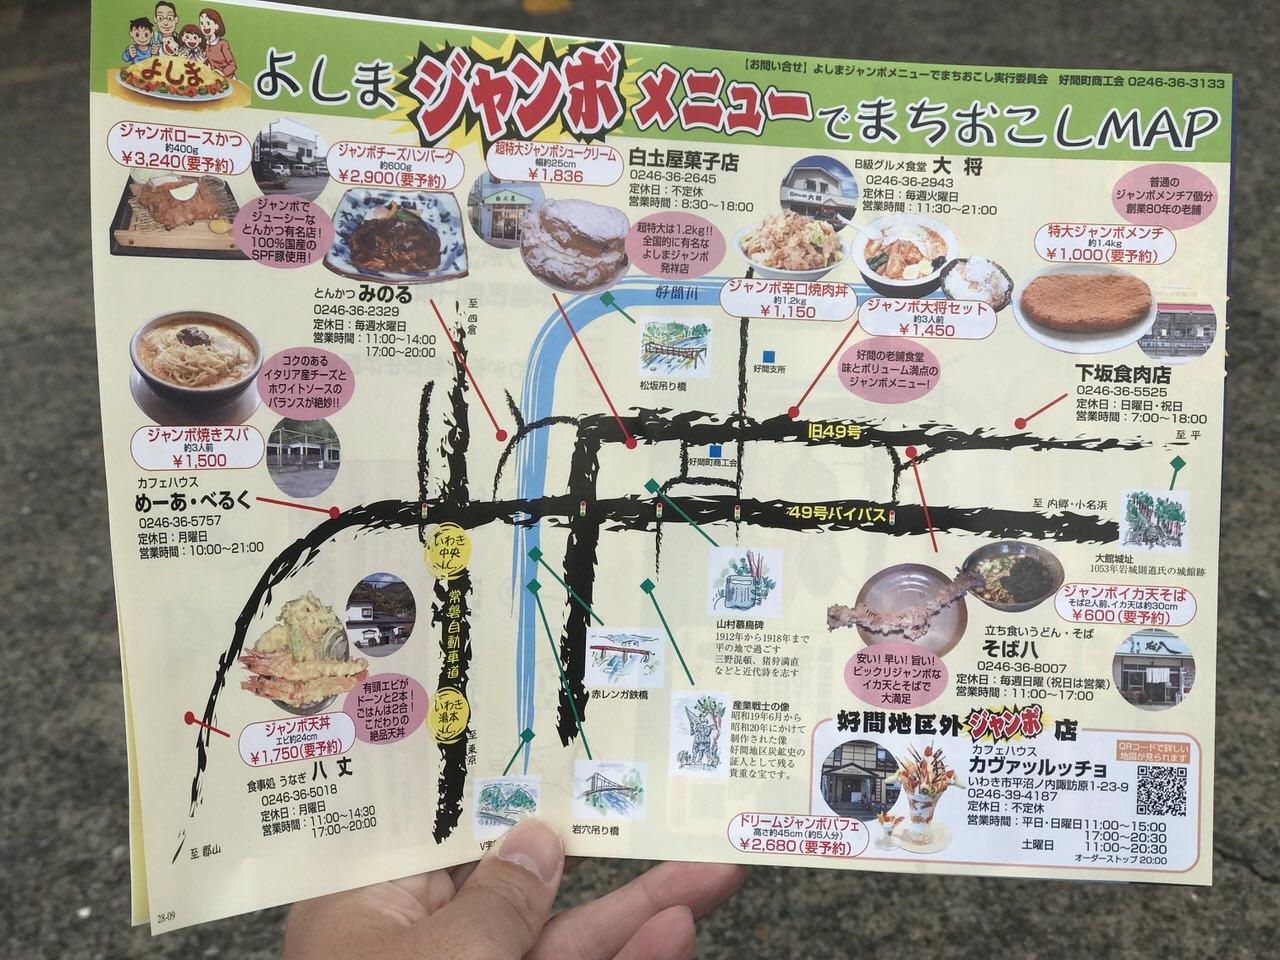 福島県いわき市好間の「ジャンボメニュー」食べまくり #いわき大食い自腹ツアー